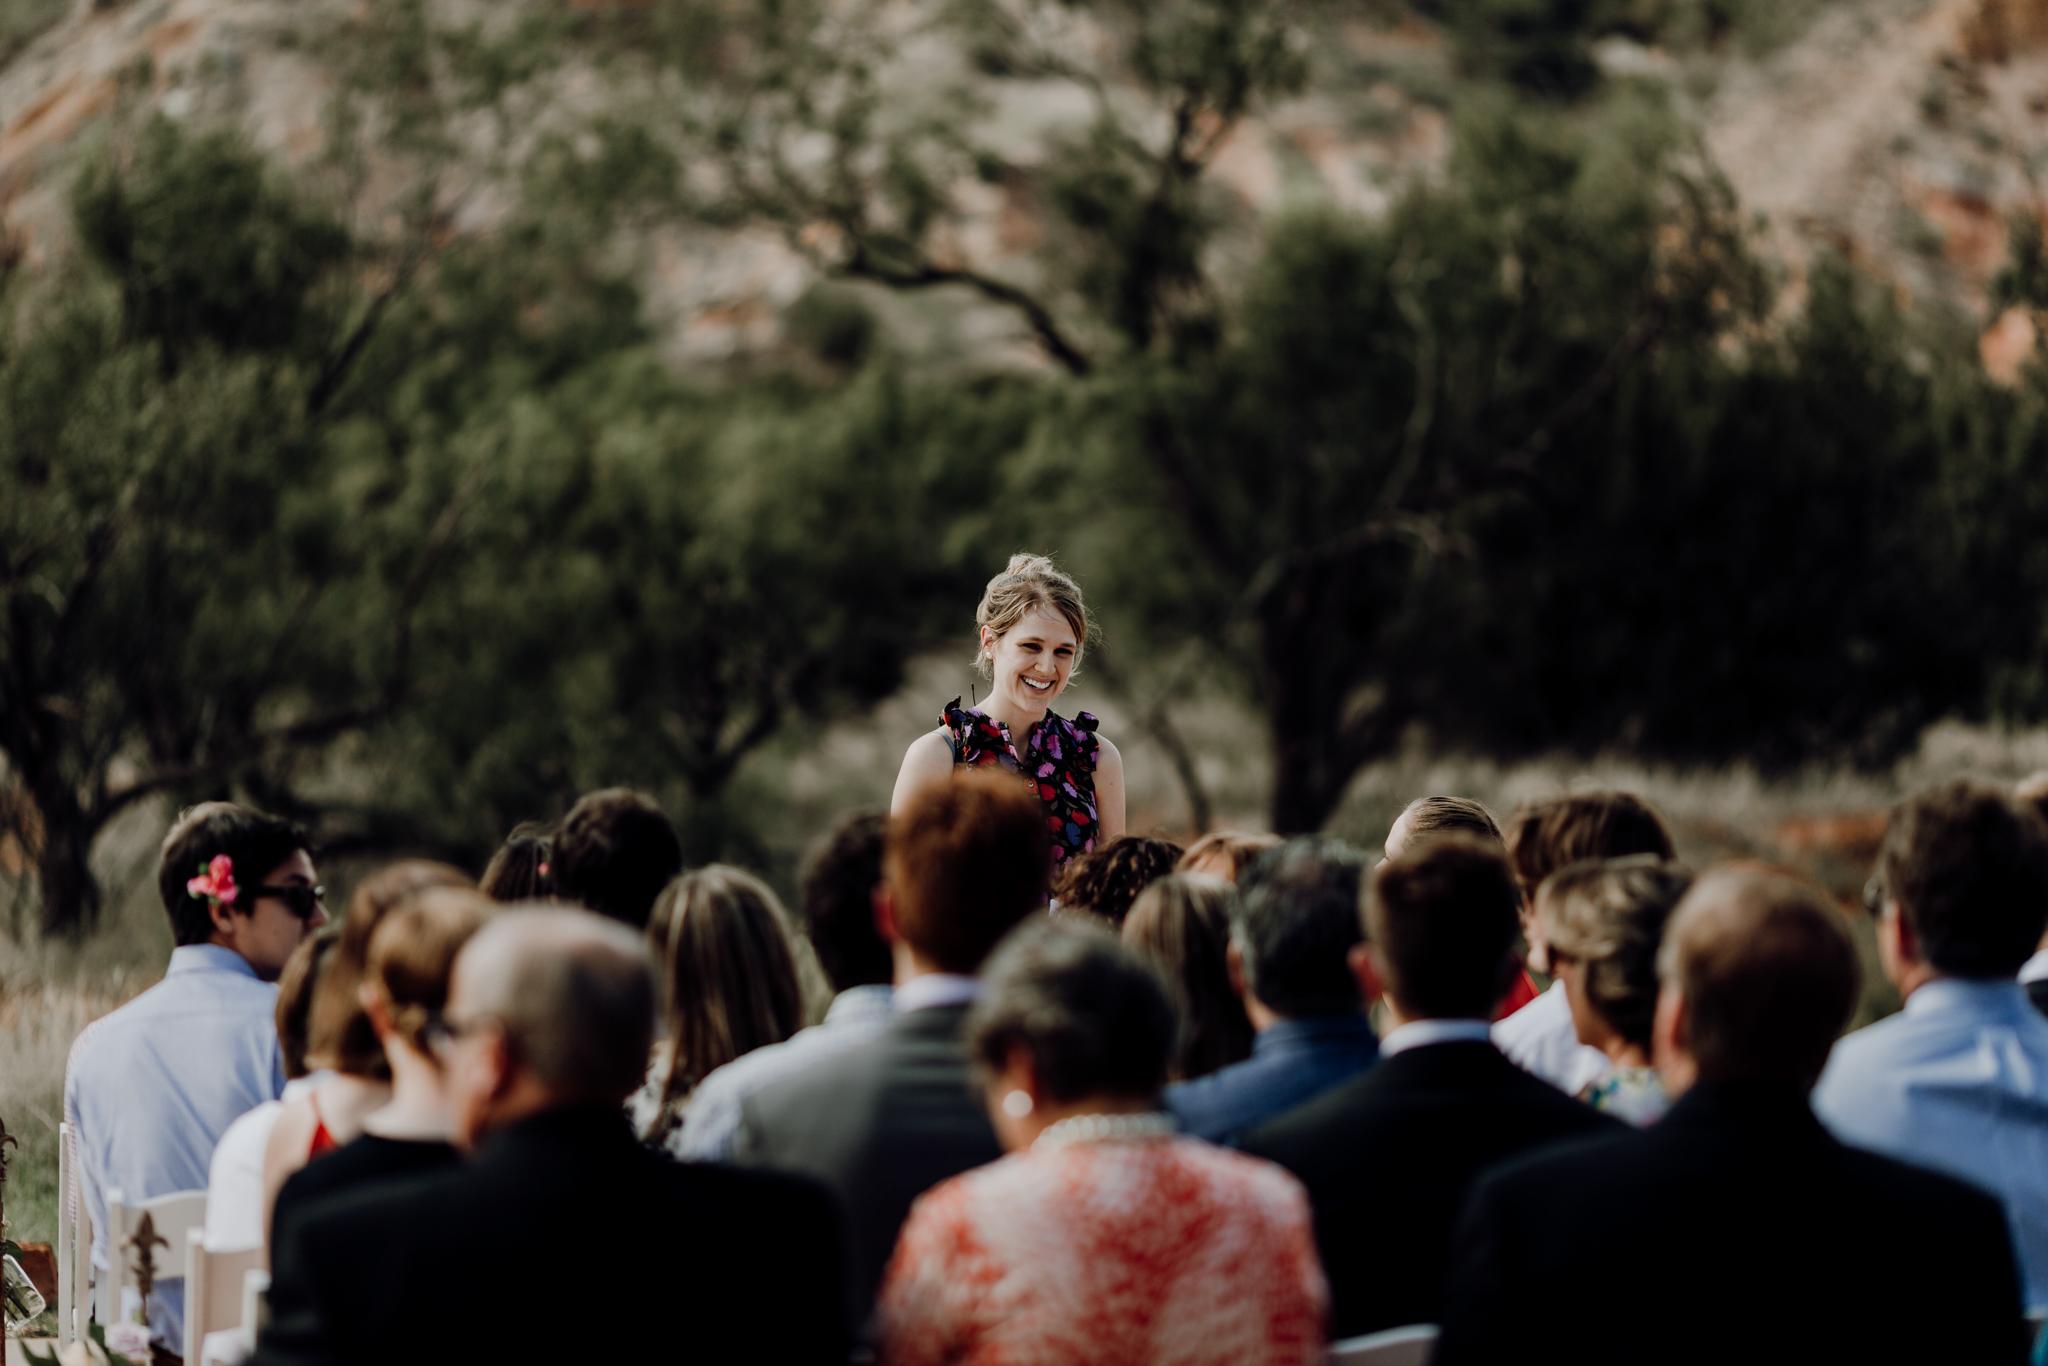 Texas Wedding Photographer-Palo Duro Canyon Sam Sex Wedding- Houston Wedding Photographer -Kristen Giles Photography-21.jpg